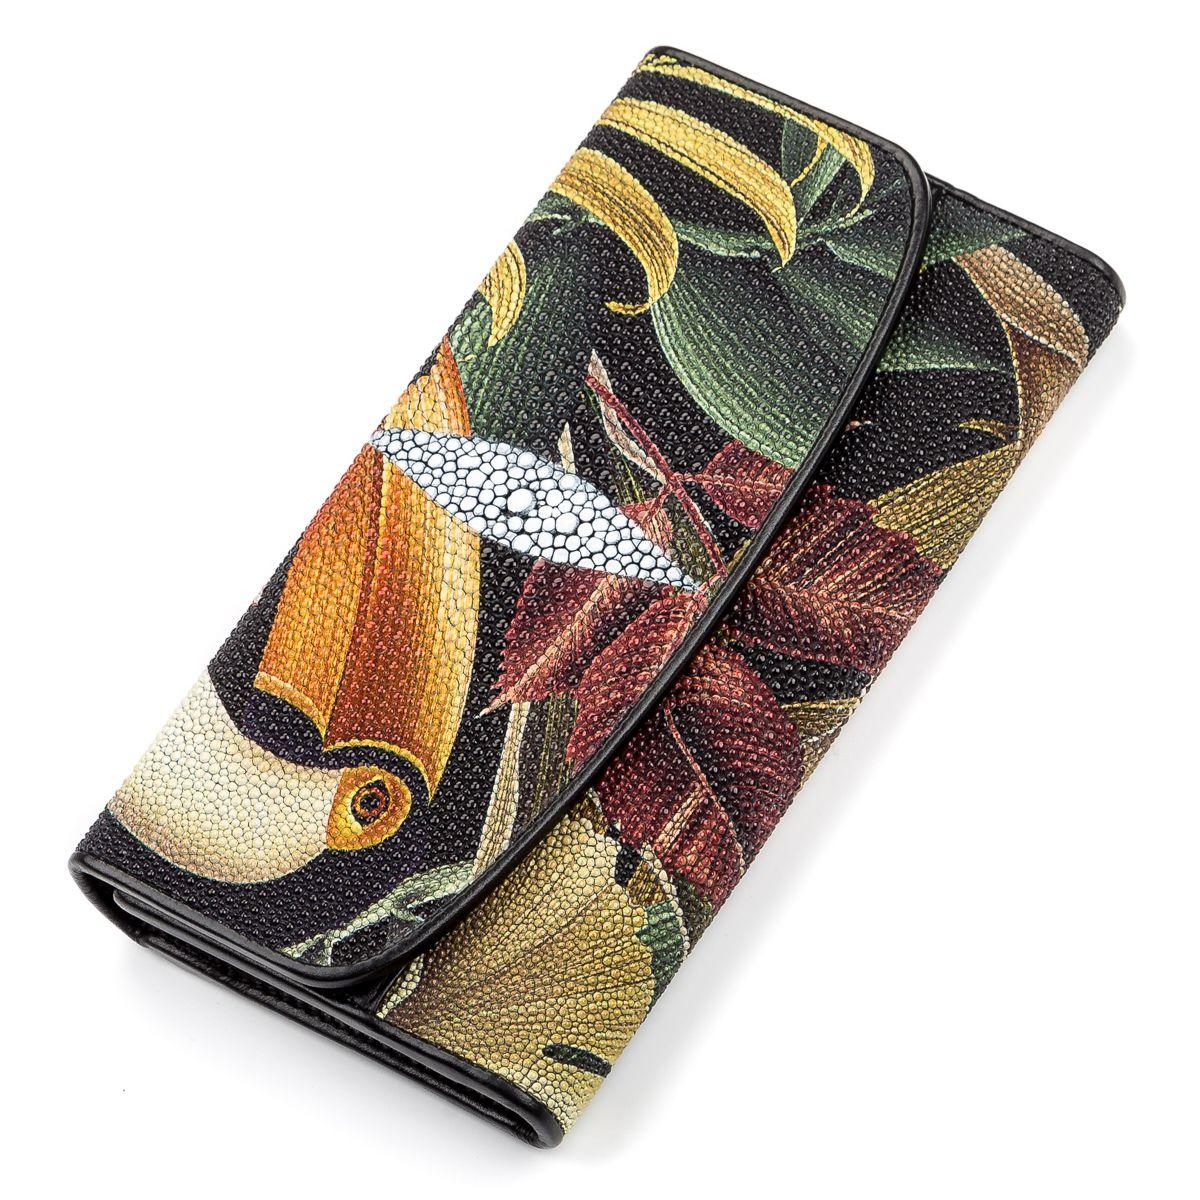 Кошелек женский STINGRAY LEATHER 18108 из натуральной кожи морского ската Разноцветный, Разноцветный